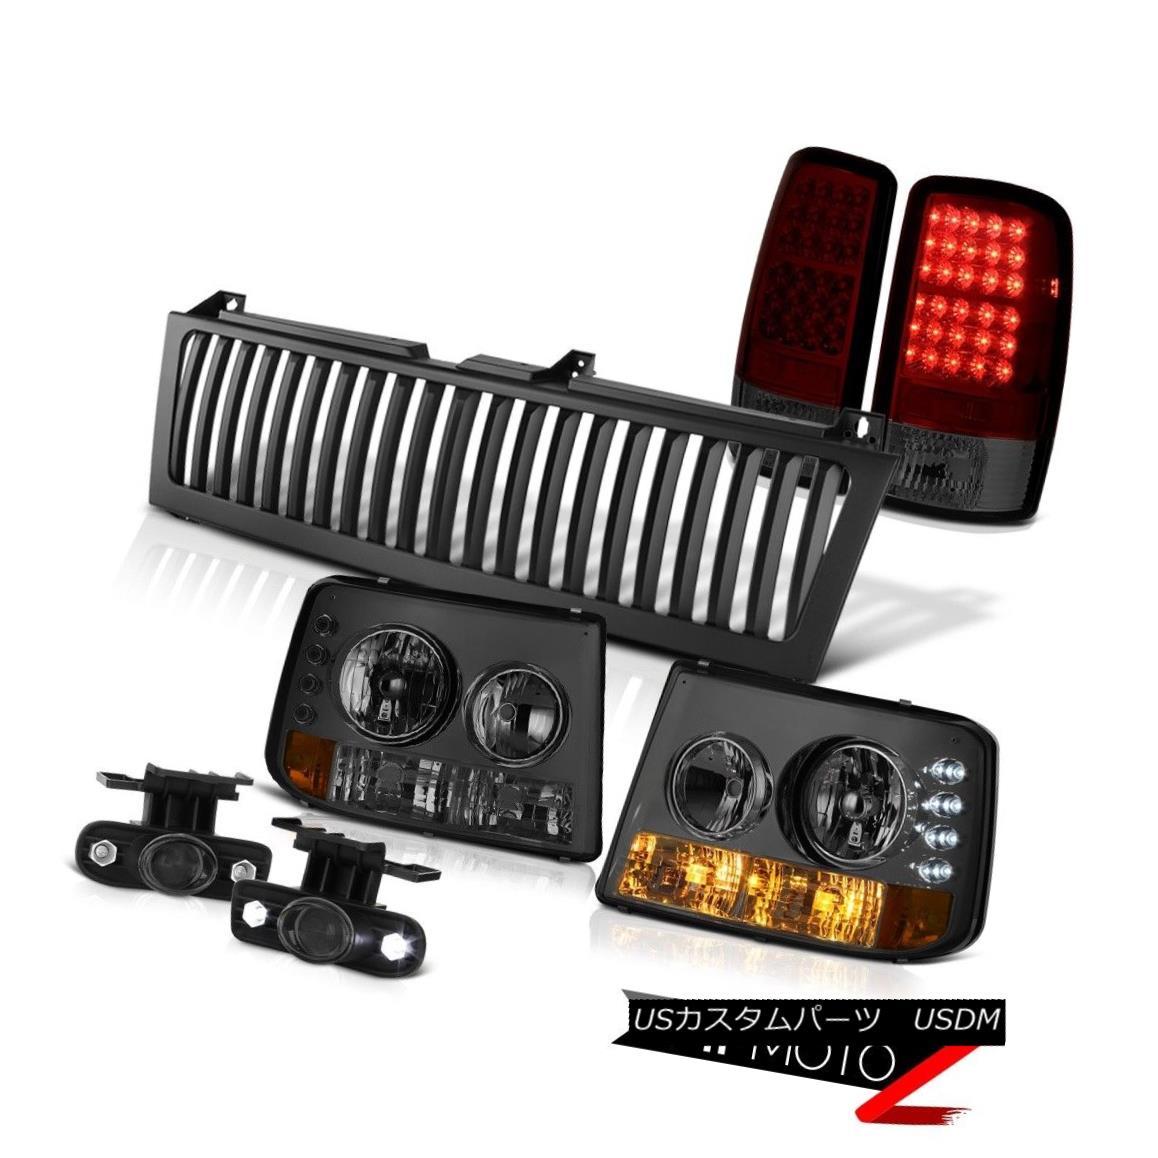 テールライト 00 01 02 03 04 05 06 Suburban Bumper Headlight Taillight Tinted Fog Black Grille 00 01 02 03 04 05 06郊外バンパーヘッドライトテールライトティンテッドフォグブラックグリル